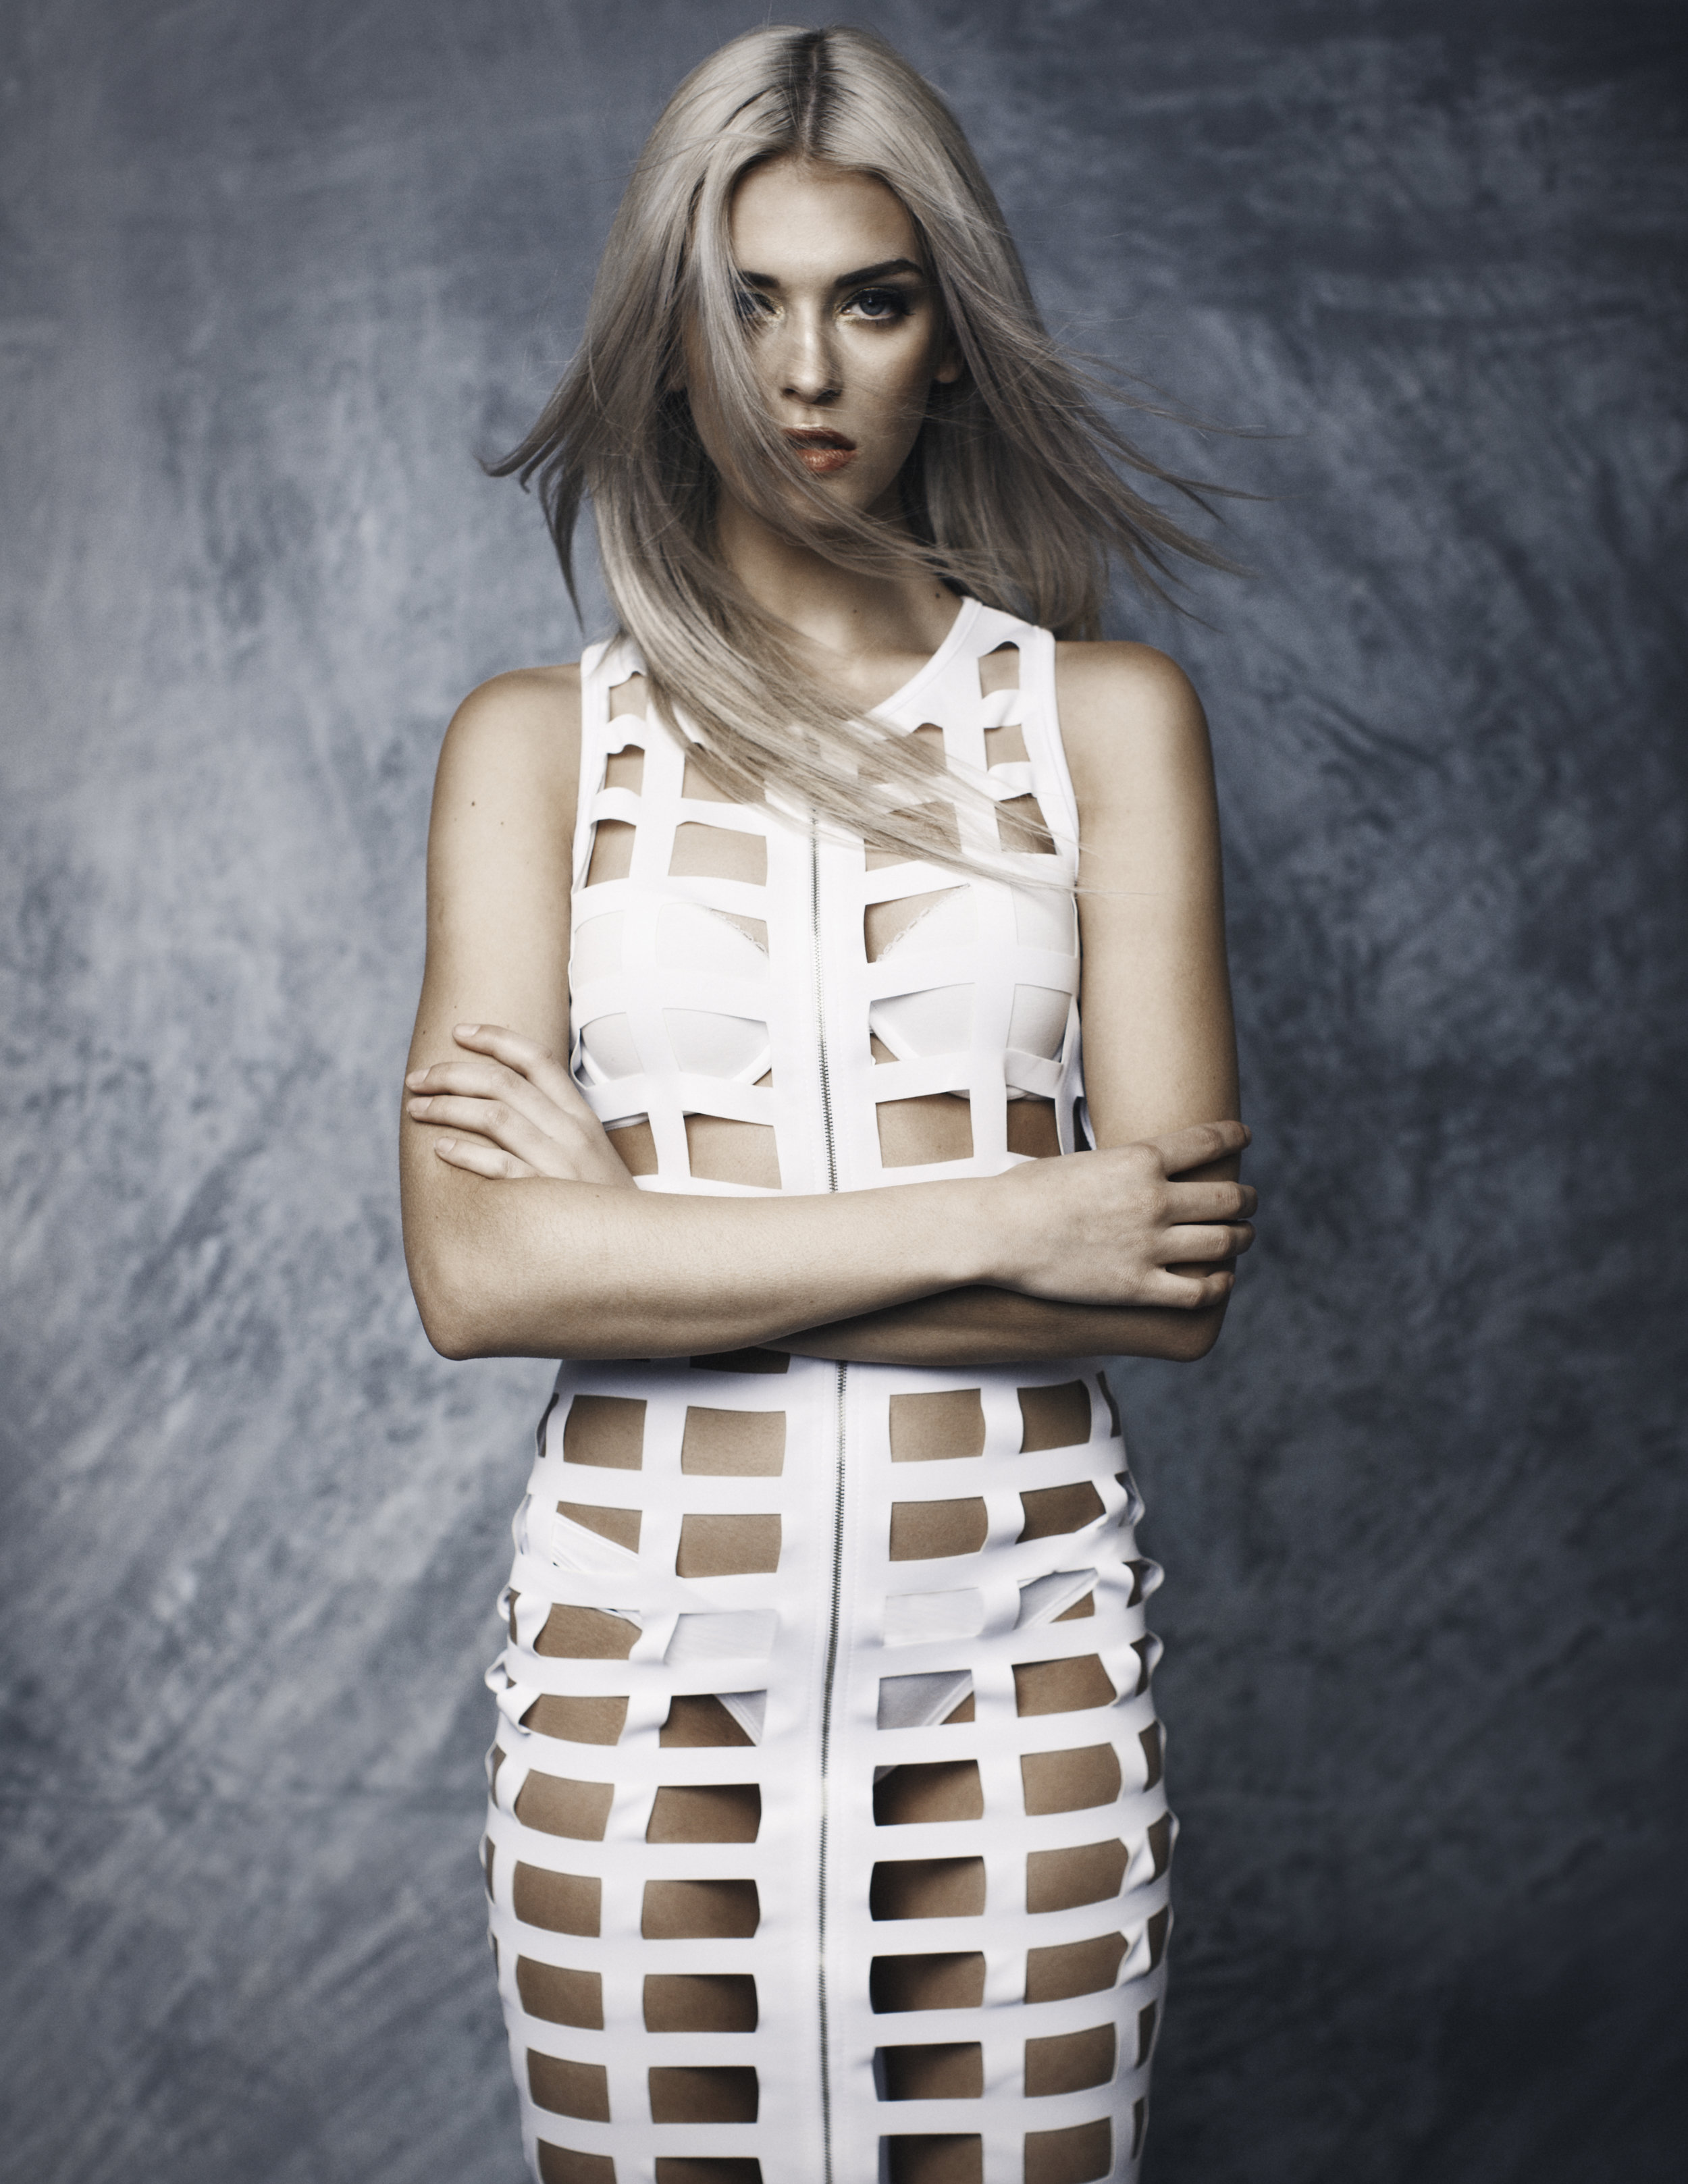 Model: Claire Burry | Makeup Artist/Hairstylist: Jennifer Gjertsen of Jack'd Up Beauty Boutique